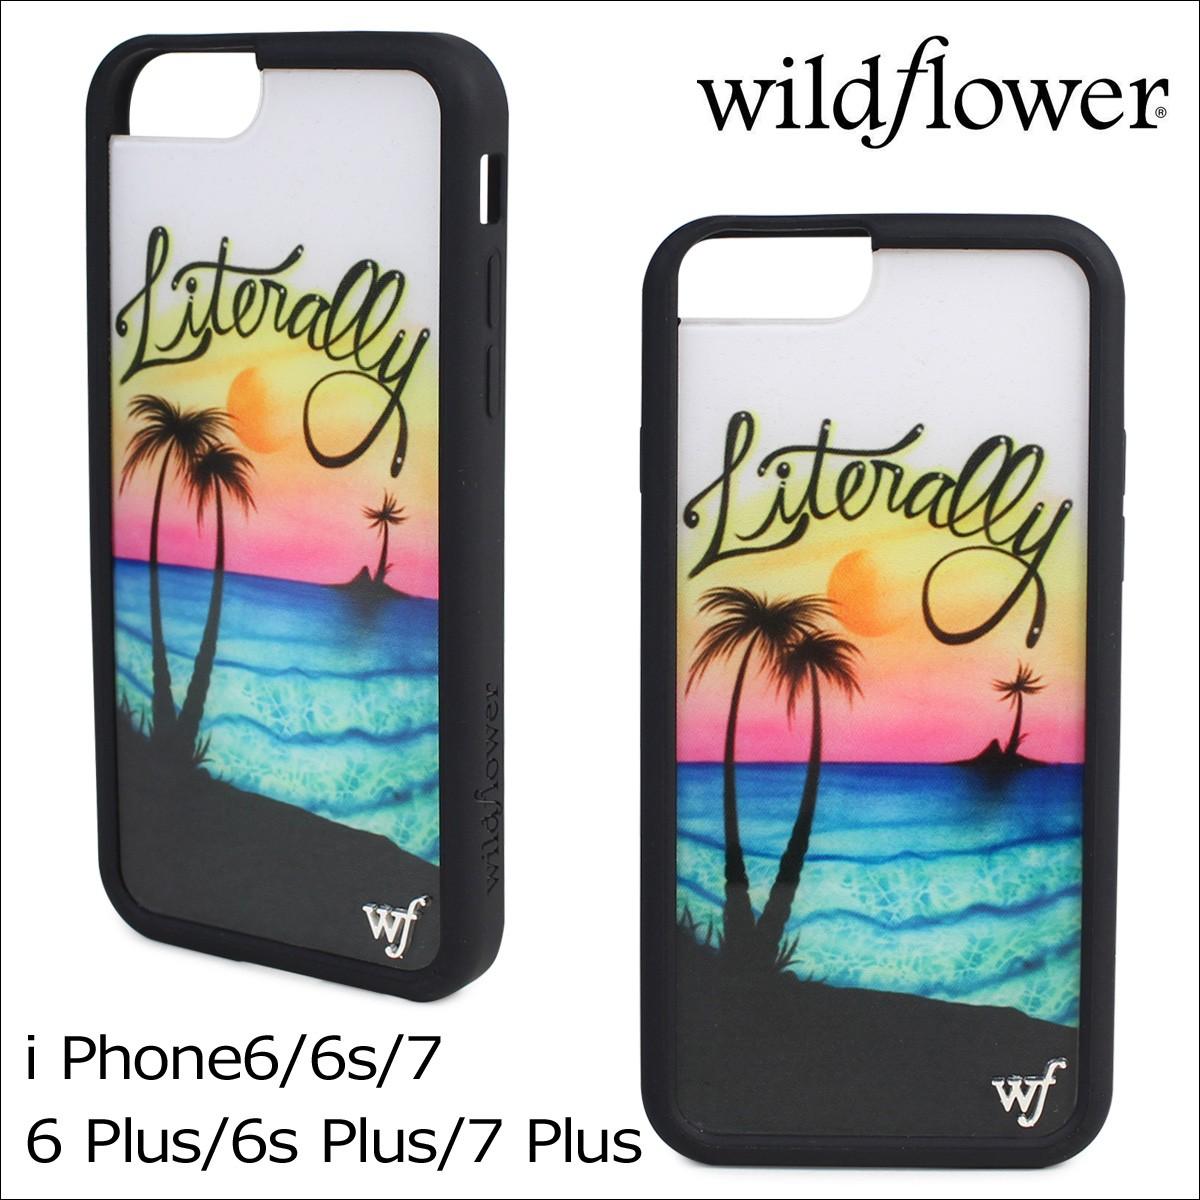 wildflower ケース スマホ iPhone7 Plus ワイルドフラワー iPhoneケース 6 6s アイフォン レディース ハンドメイド